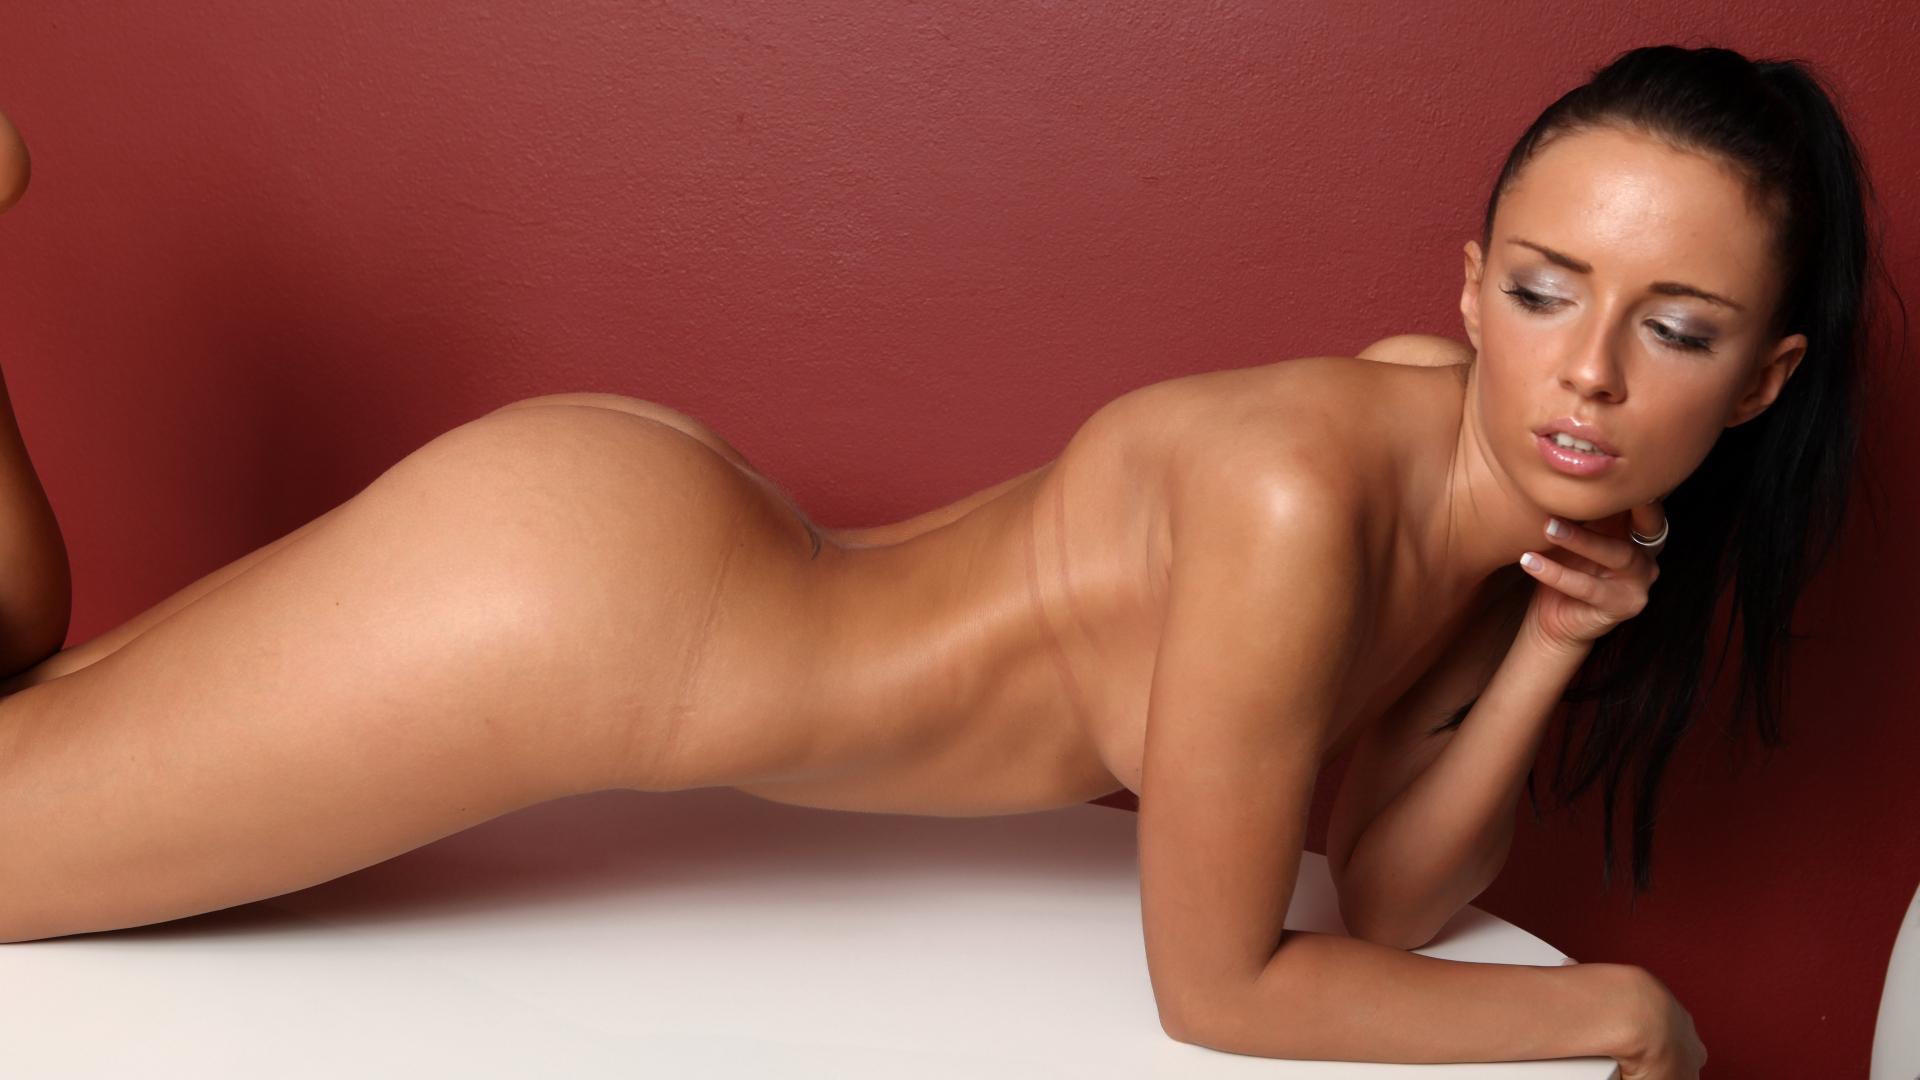 Mc nudes porn site review